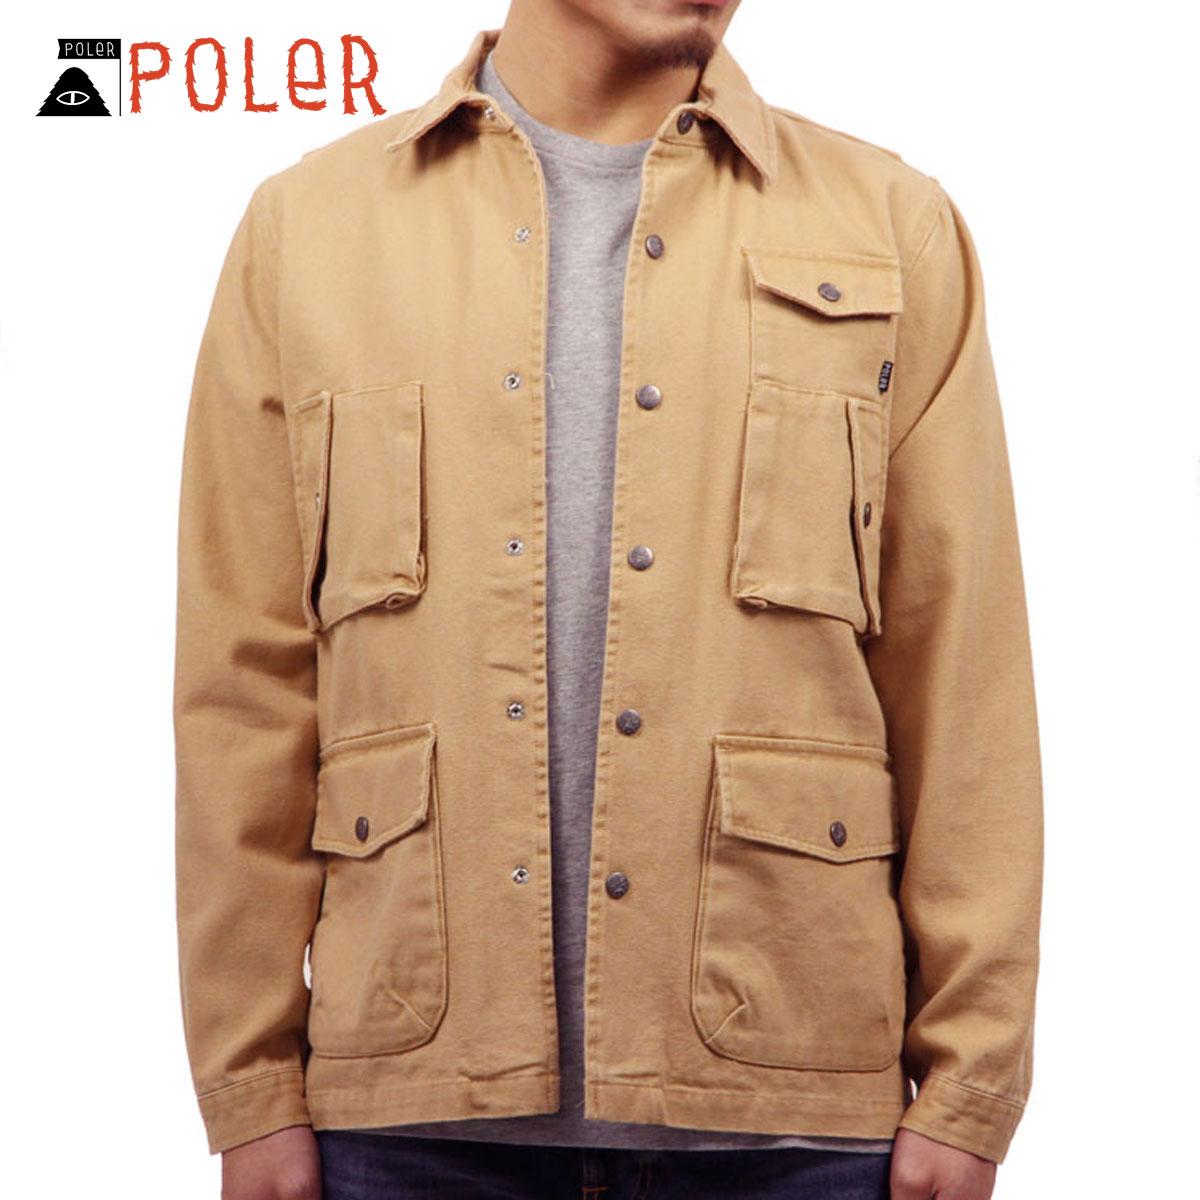 ポーラー シャツ メンズ 正規販売店 POLER アウター 長袖シャツ ジャケット KUBRICK 2 717181-TAN TAN D00S15